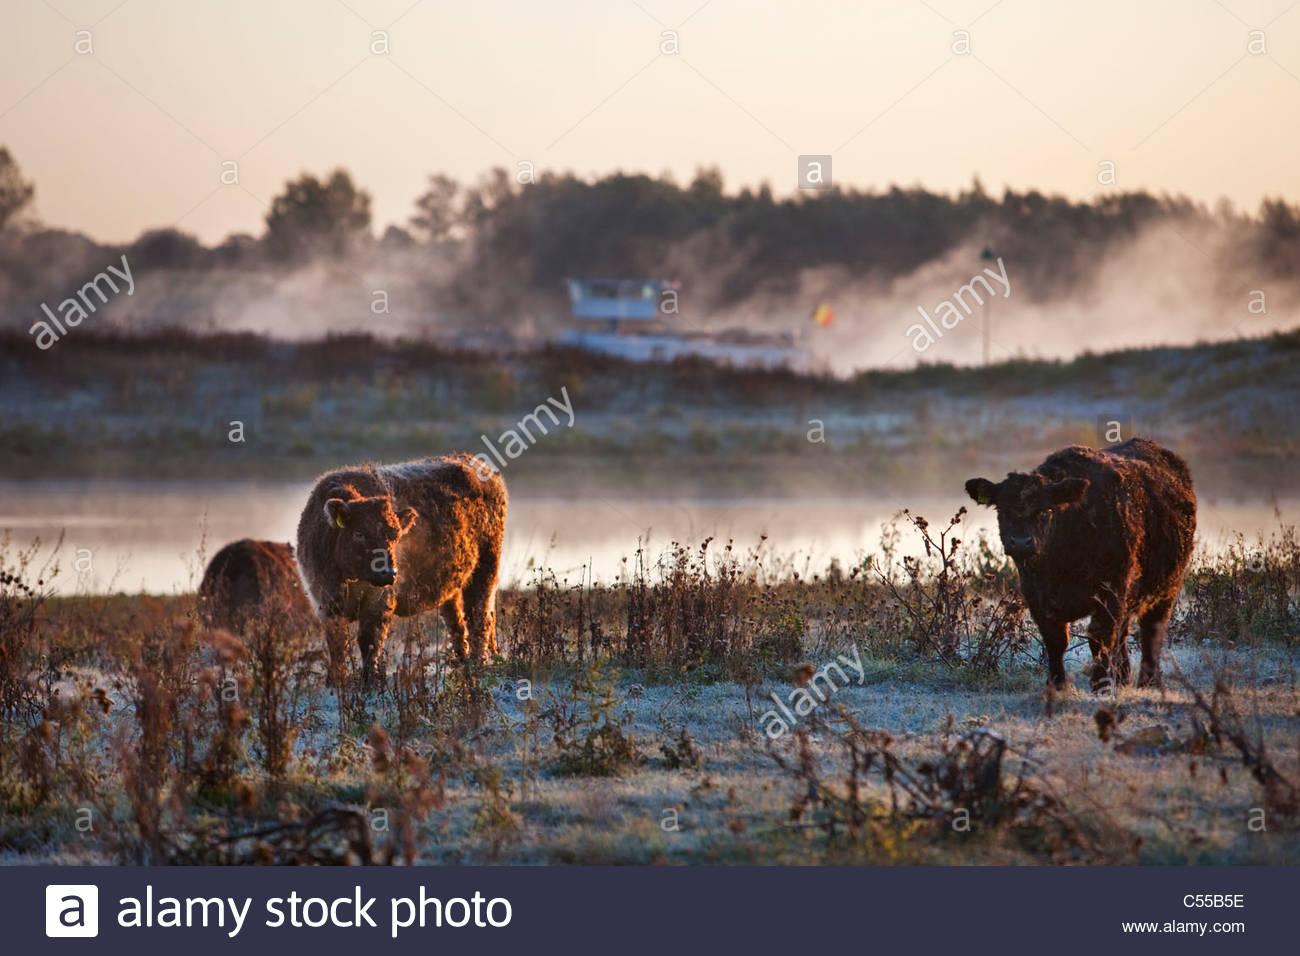 Les Pays-Bas, Ooij Ooij,-polder. Vache Galloway. Contexte: cargo sur la rivière Waal. Photo Stock